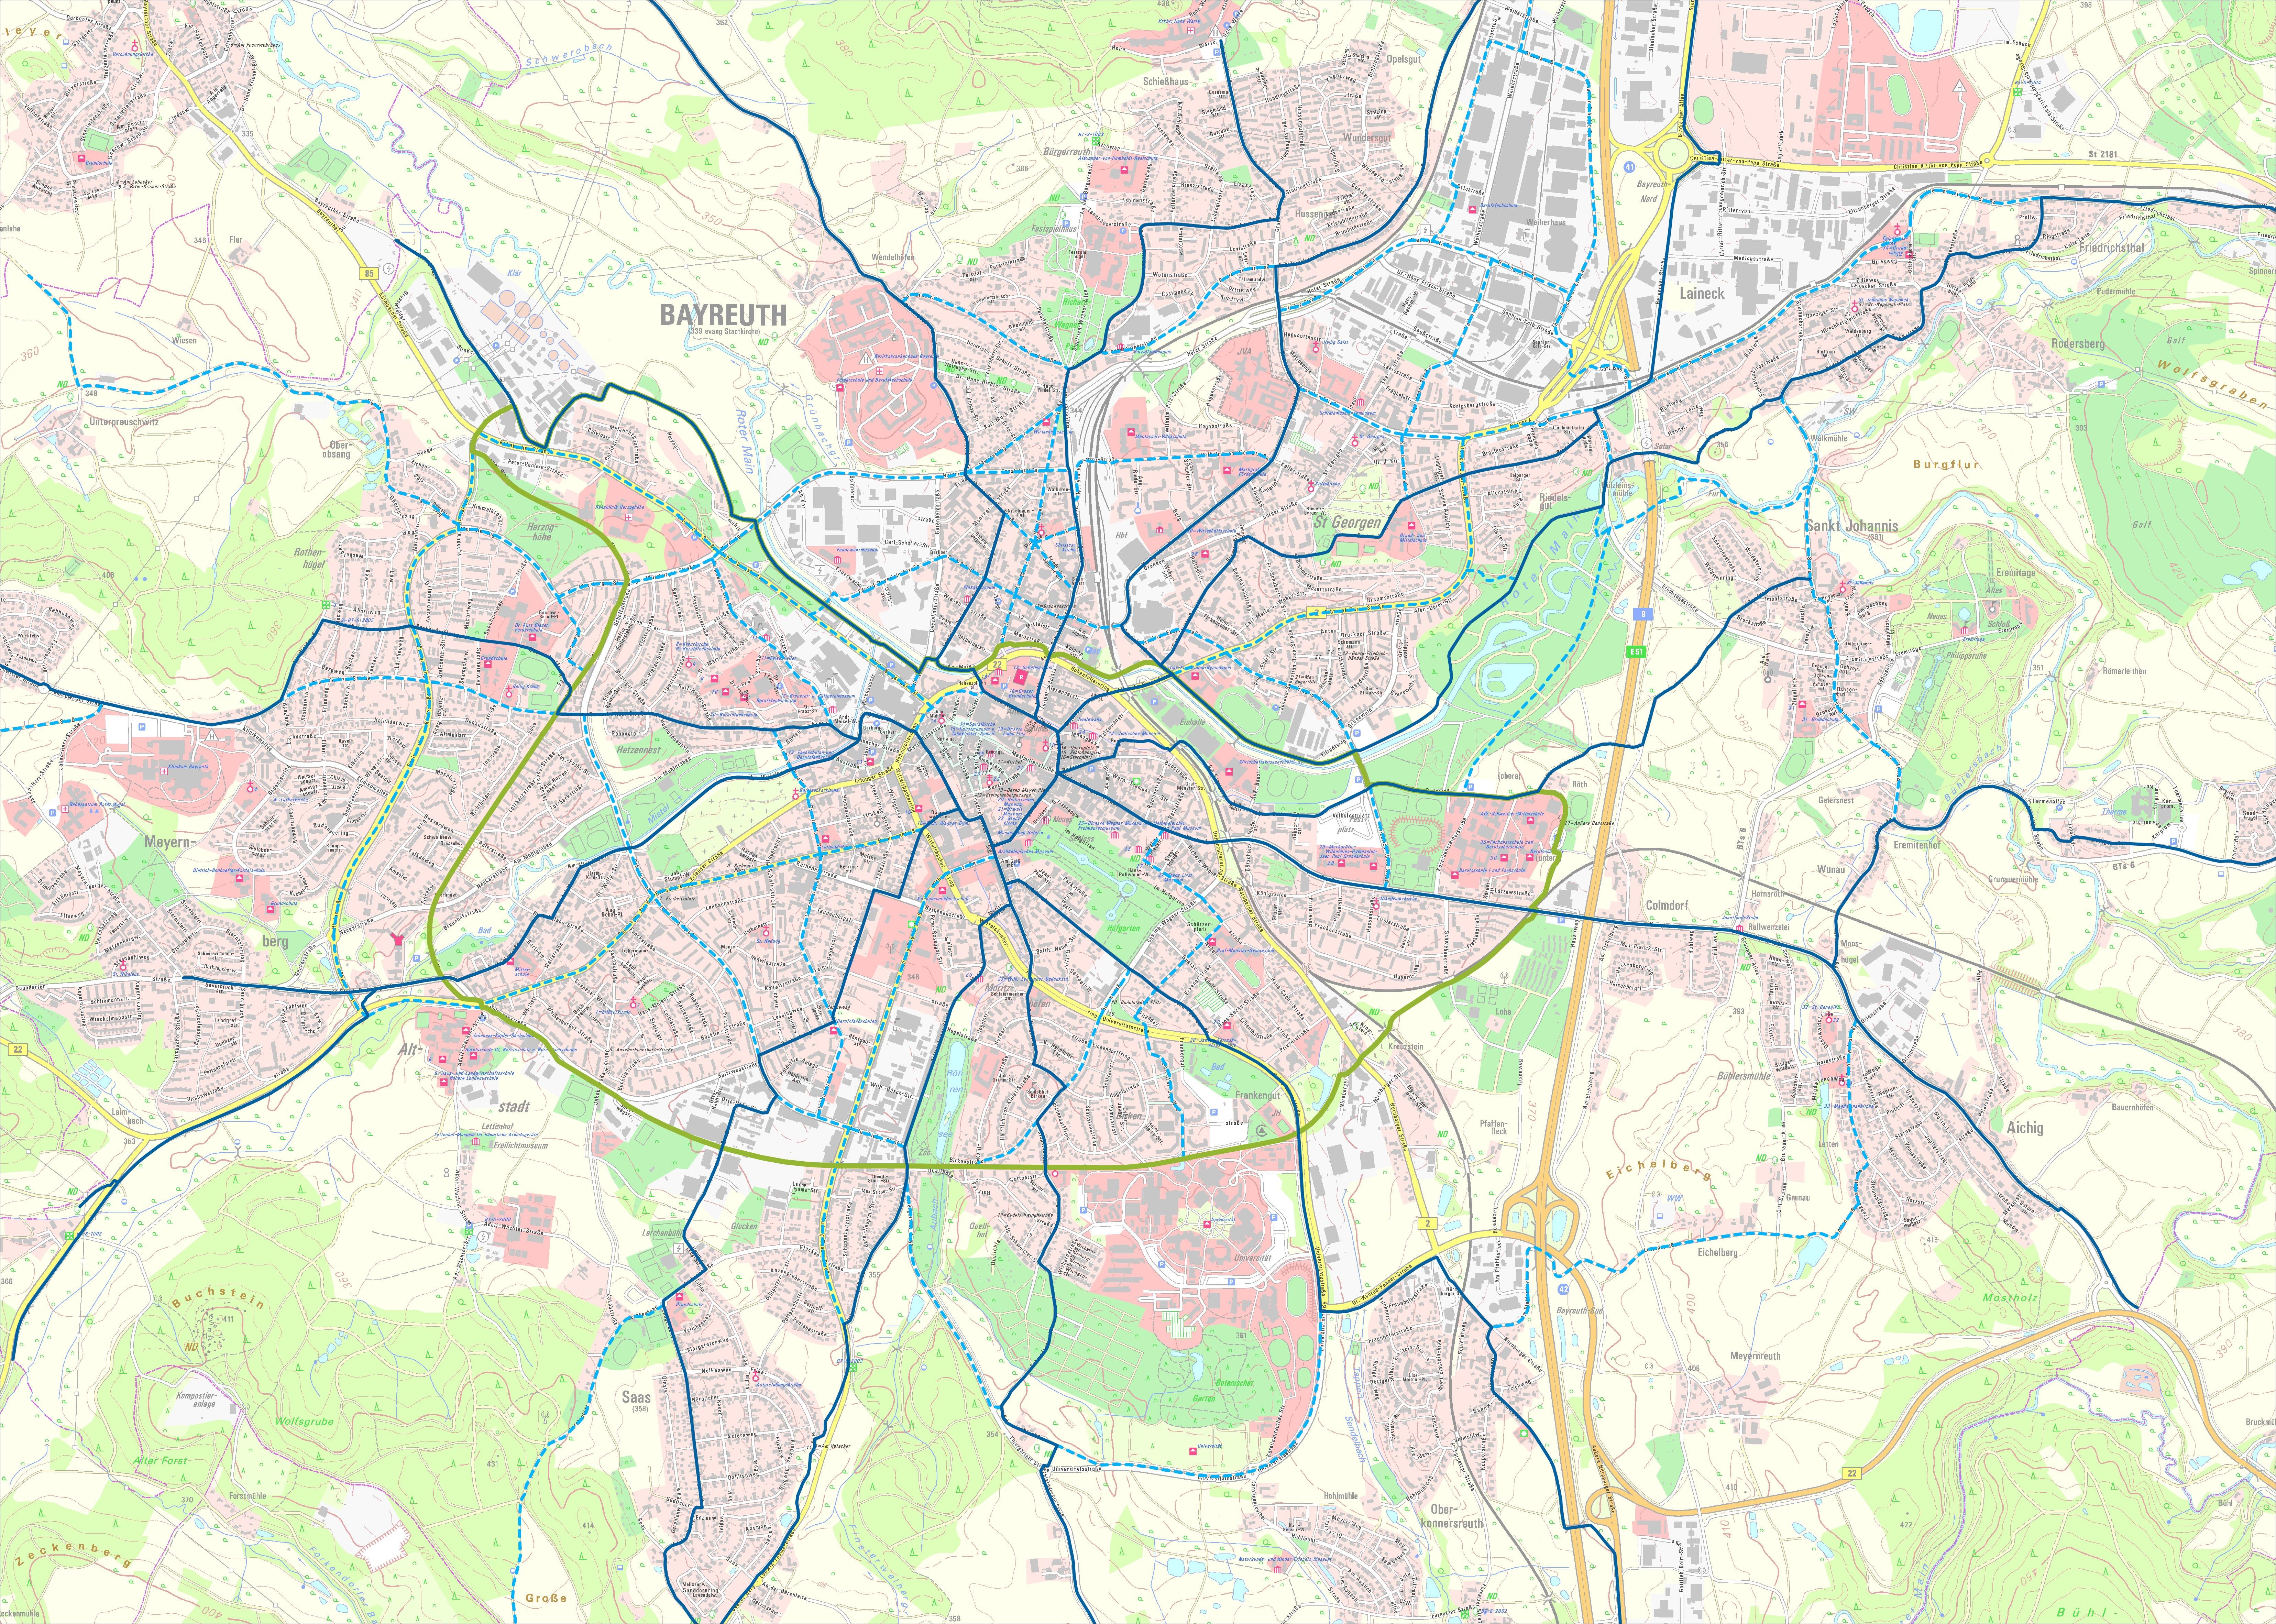 Karte_Radverkehrsnetz_Bayreuth